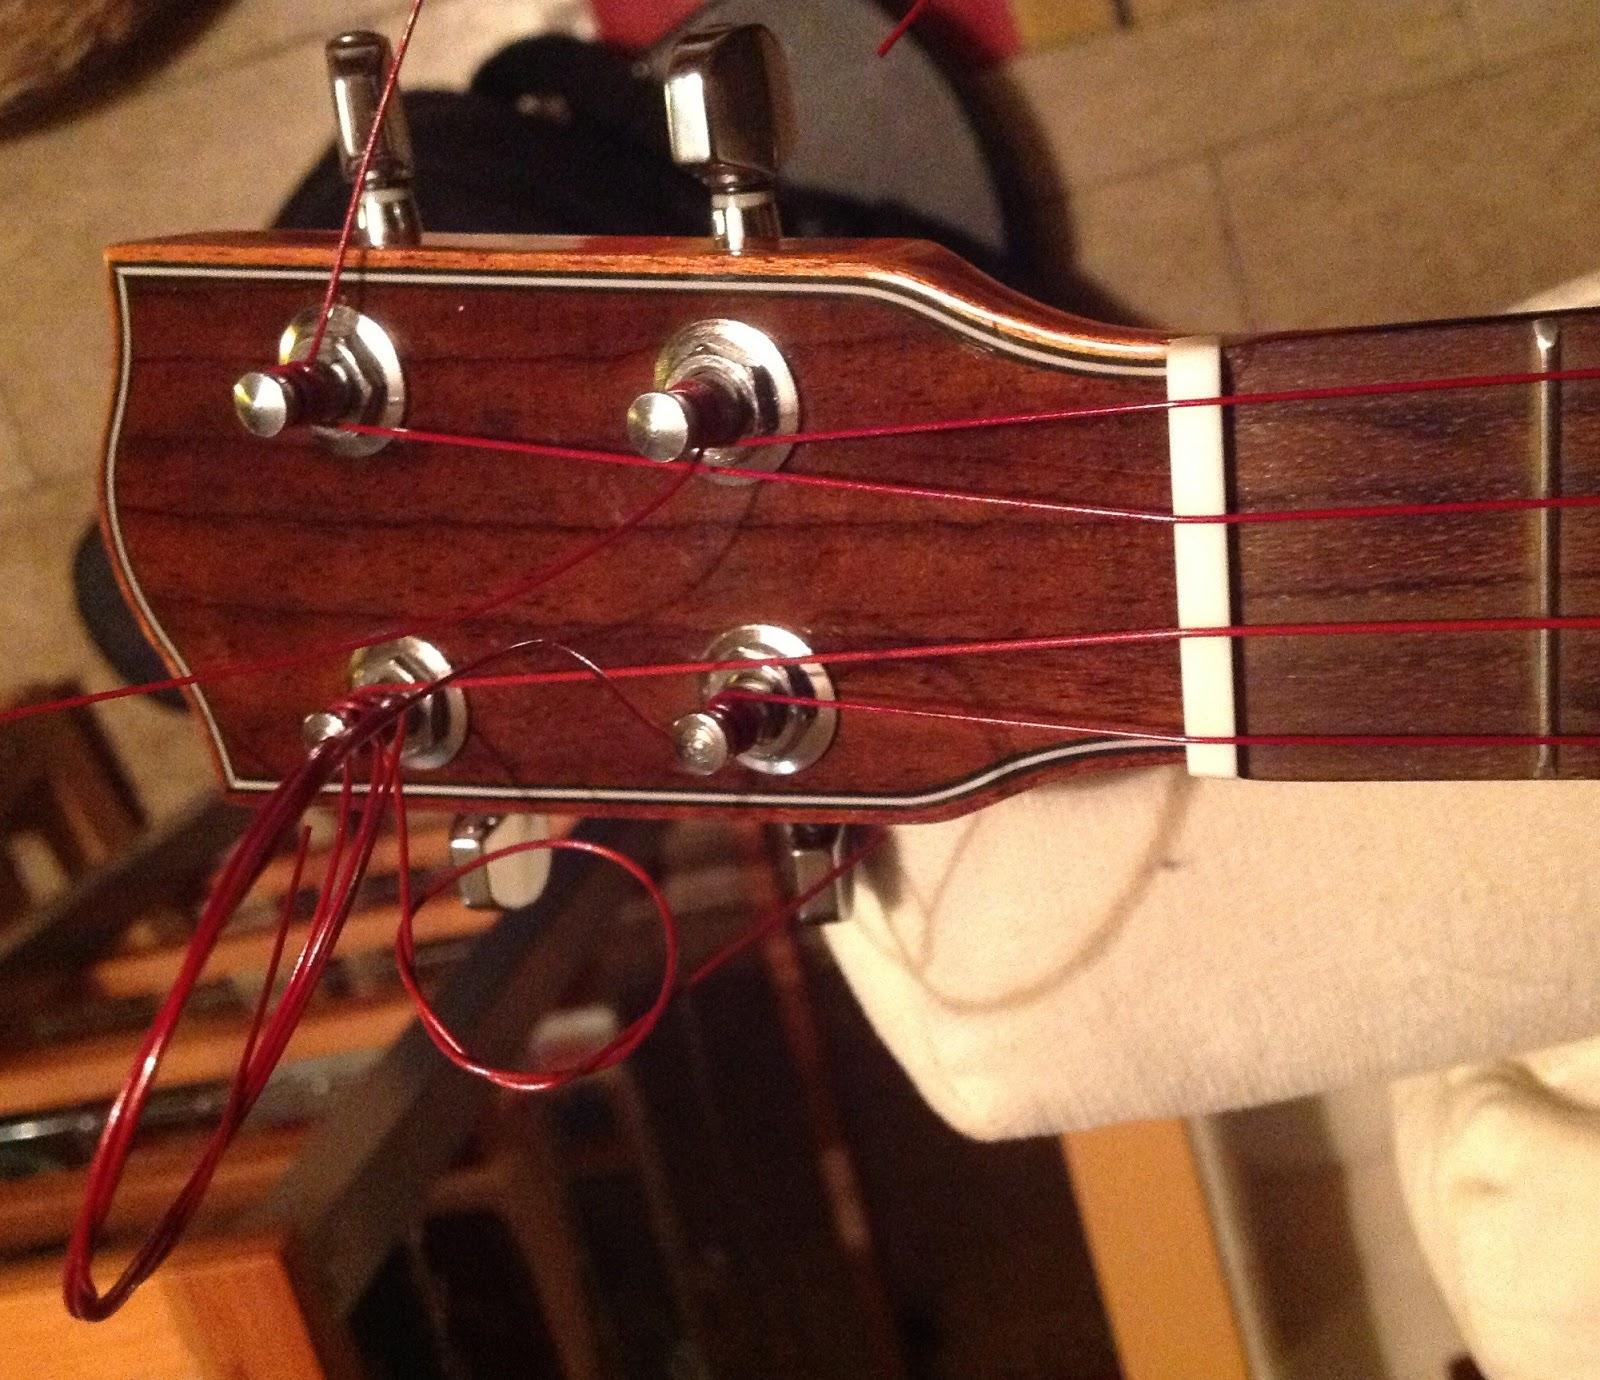 aquila red ukulele strings aq 86u concert low wound g string the ukulele trading co australia. Black Bedroom Furniture Sets. Home Design Ideas